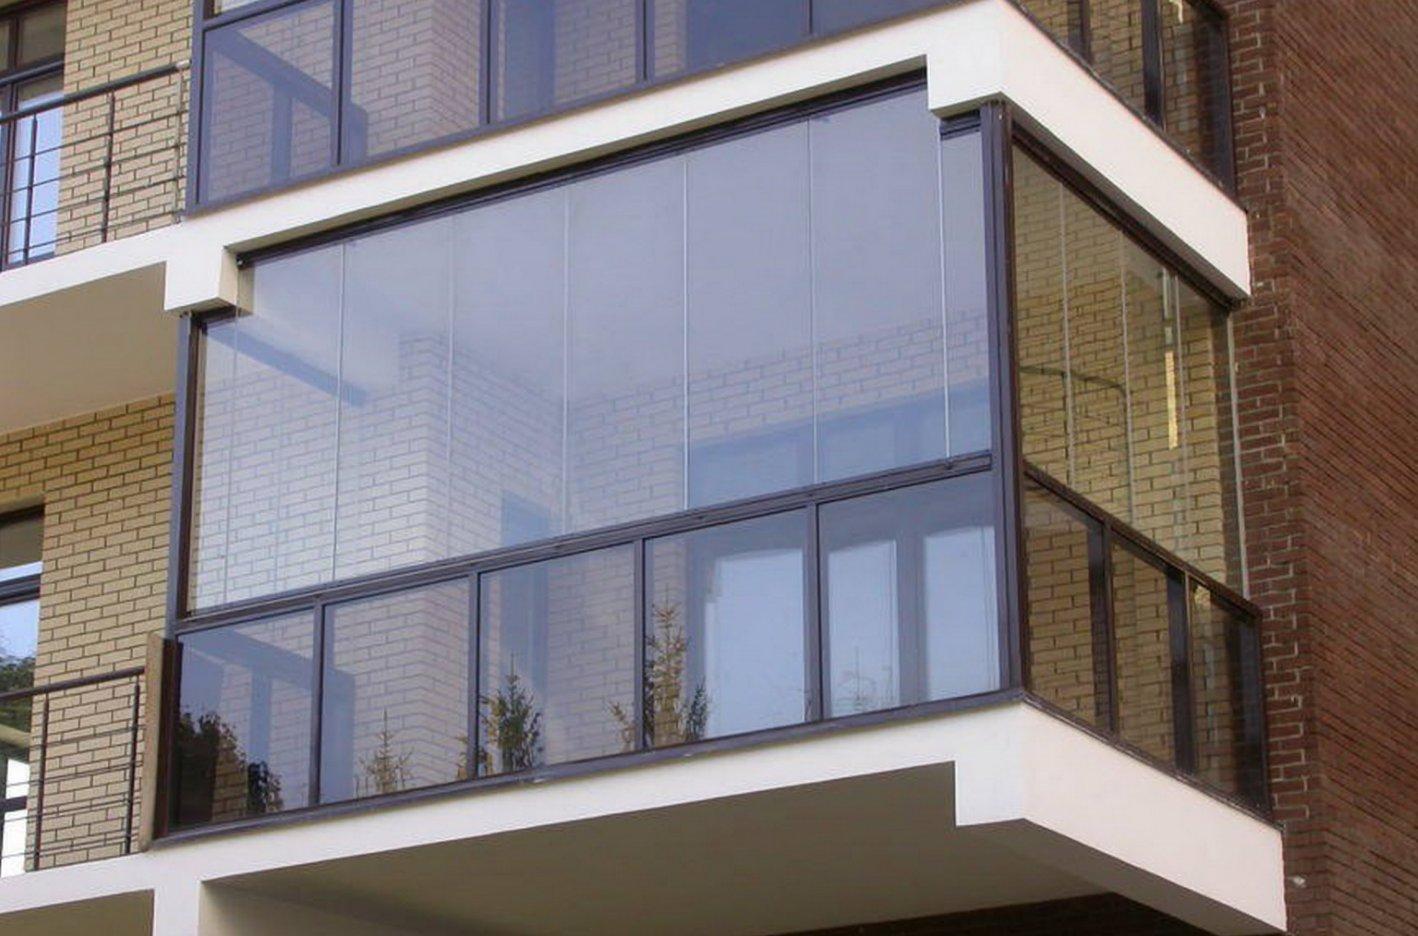 Организация бизнеса по остеклению балконов.